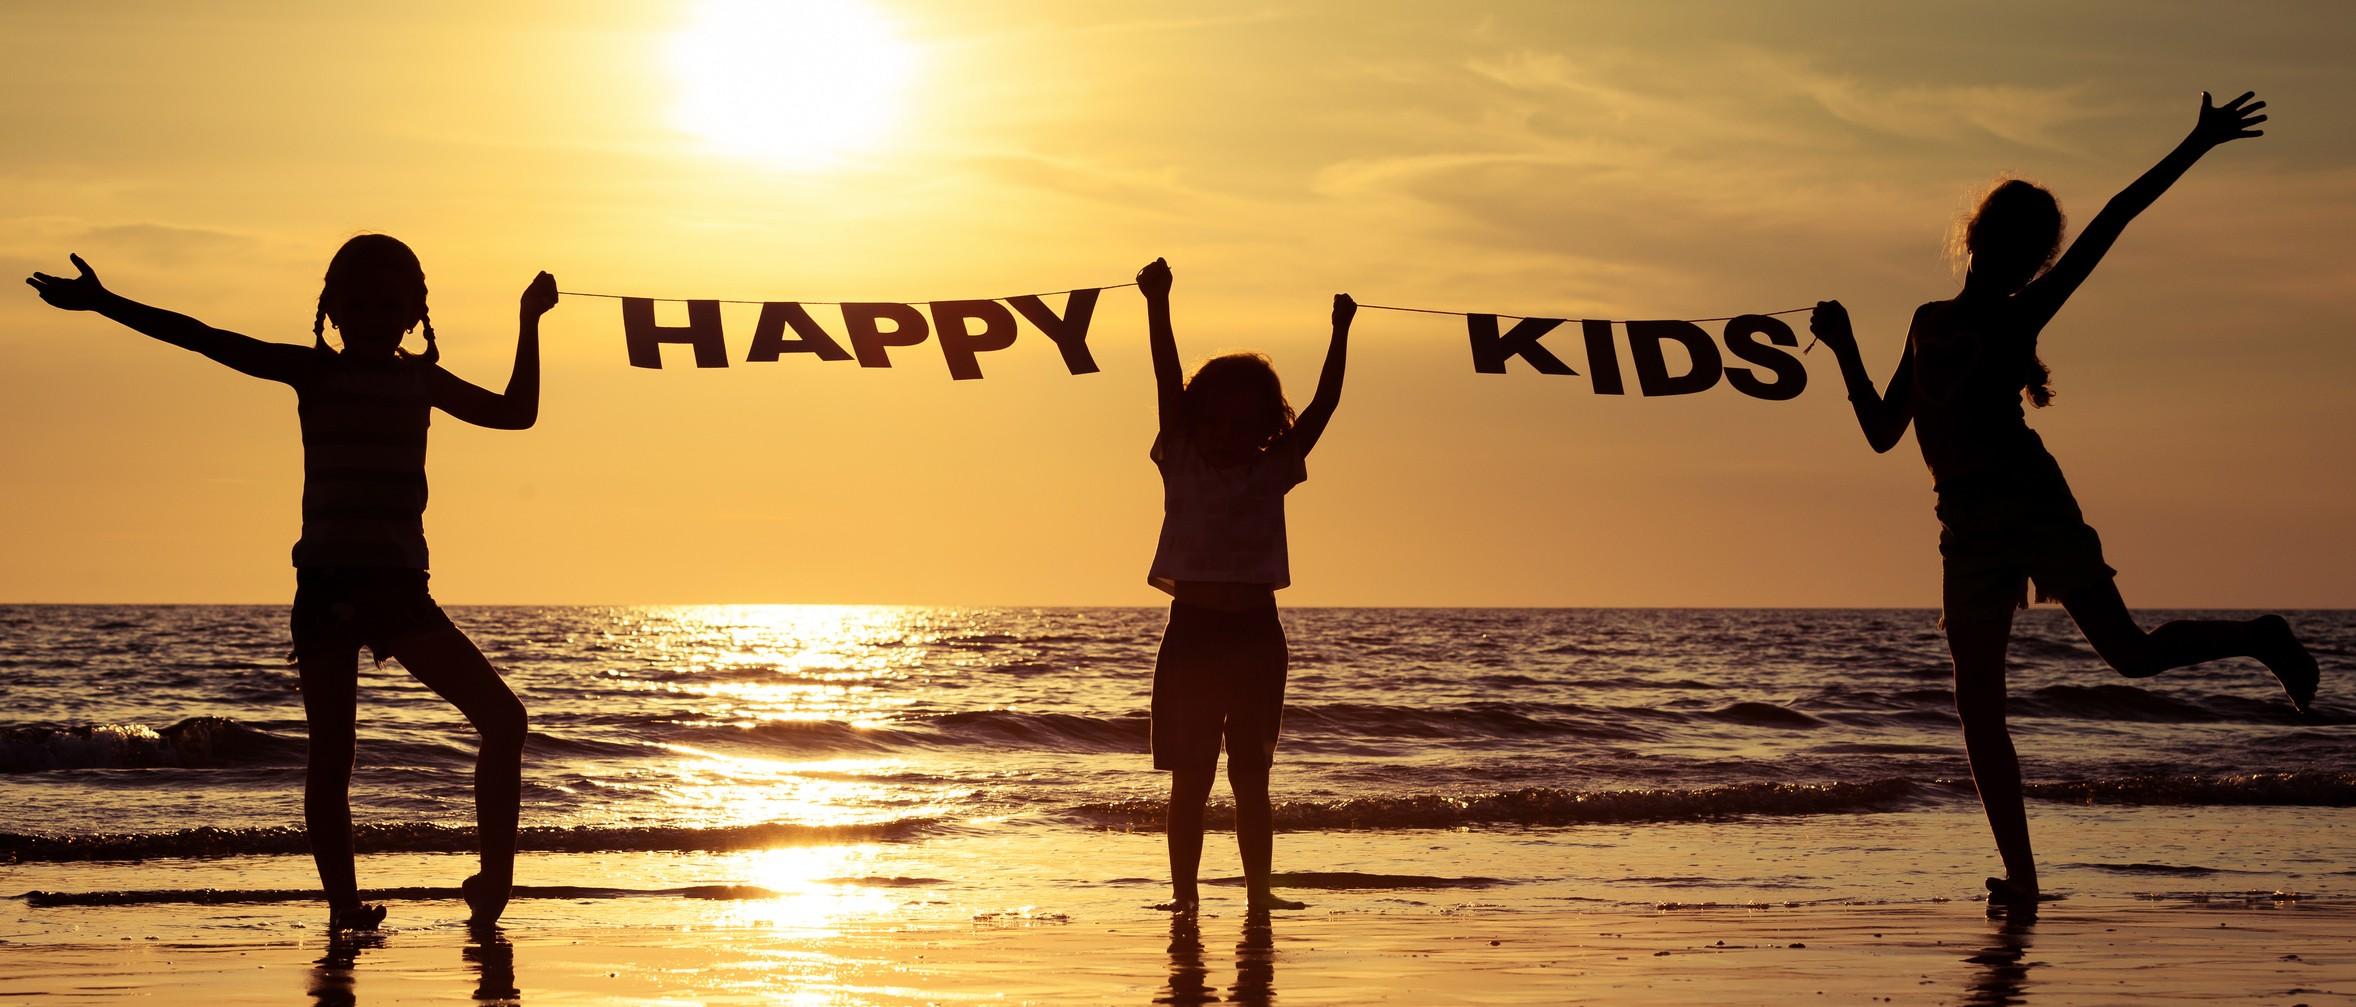 Meta Slider - HTML Overlay - Happy children playing on the beach